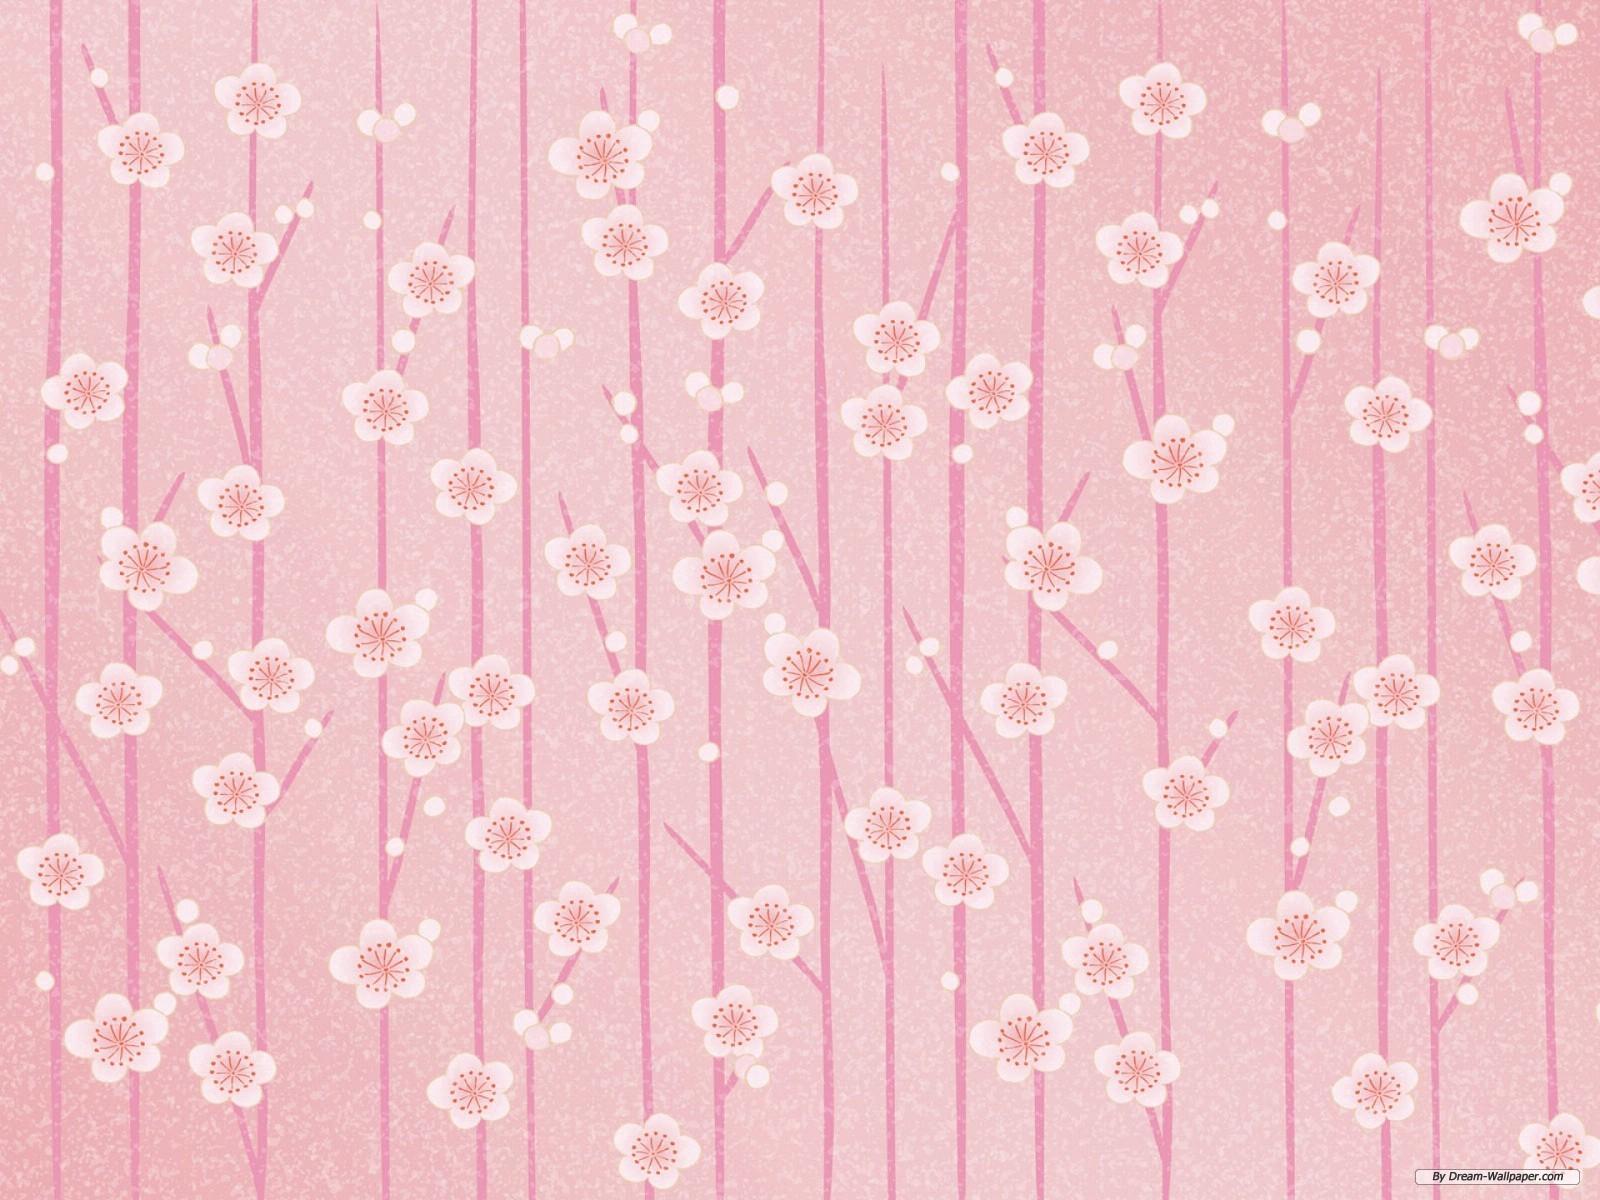 Wallpaper   Art wallpaper   Computer mapping patterns of 1600x1200